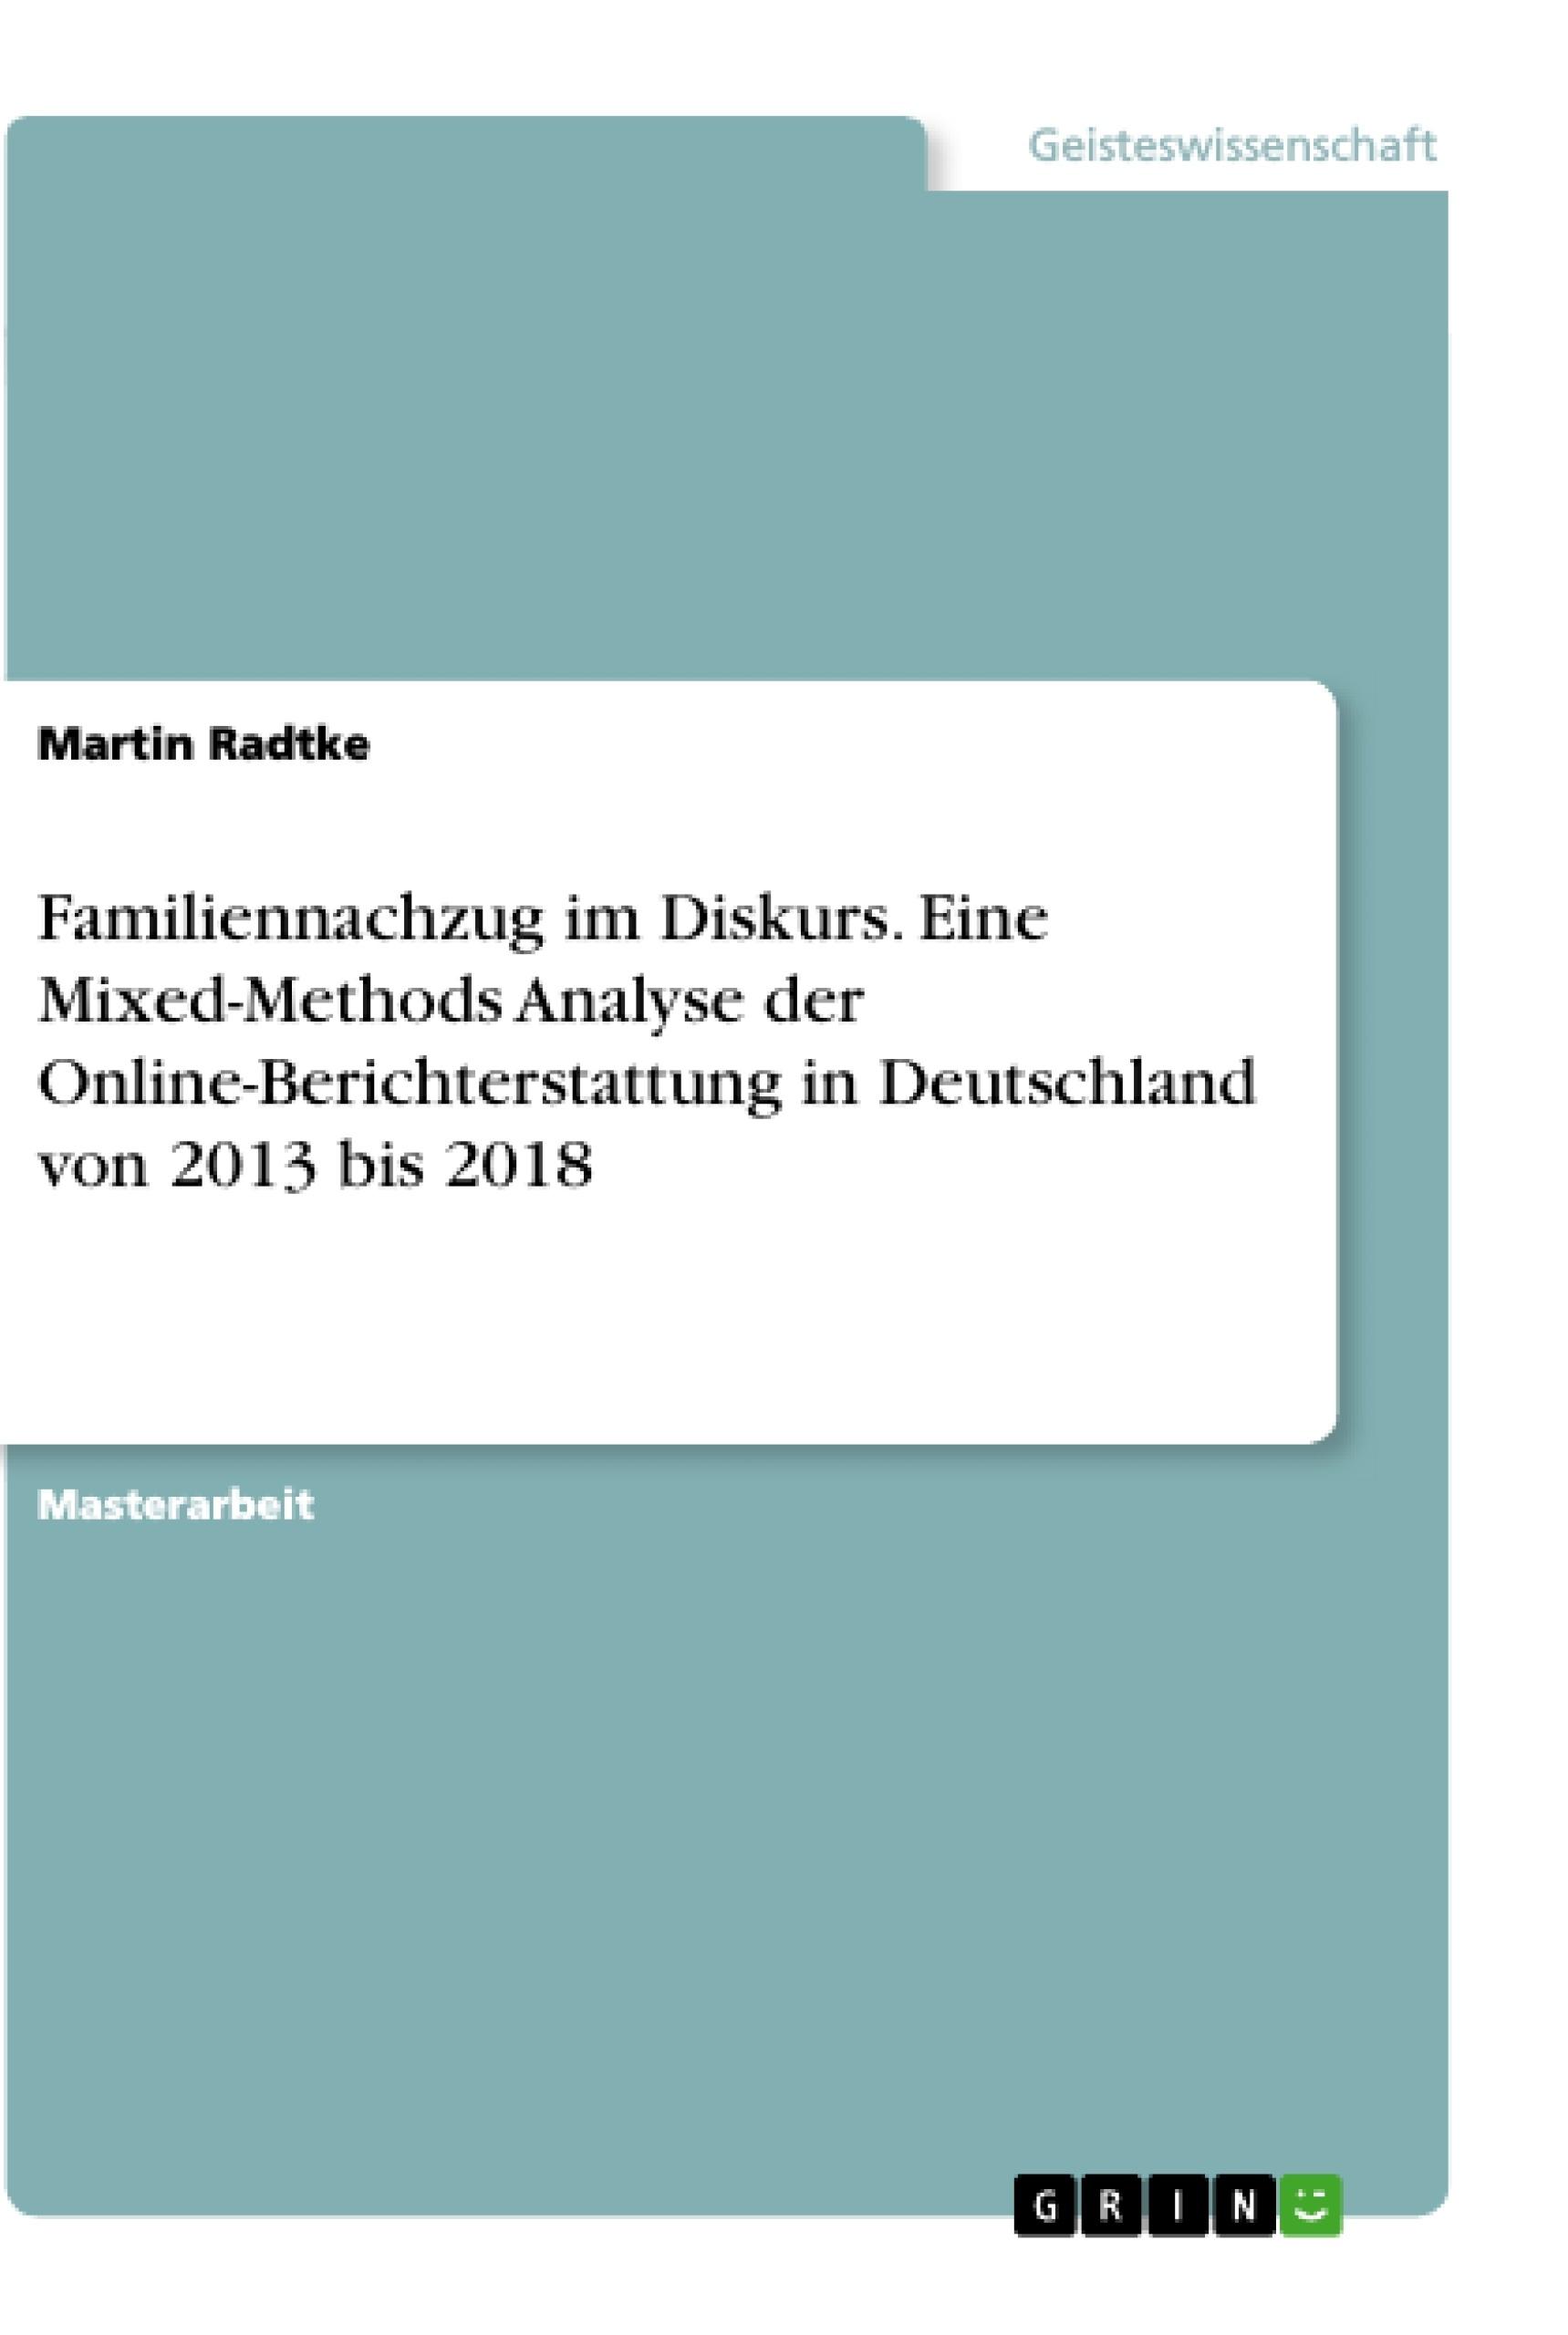 Titel: Familiennachzug im Diskurs. Eine Mixed-Methods Analyse der Online-Berichterstattung in Deutschland von 2013 bis 2018